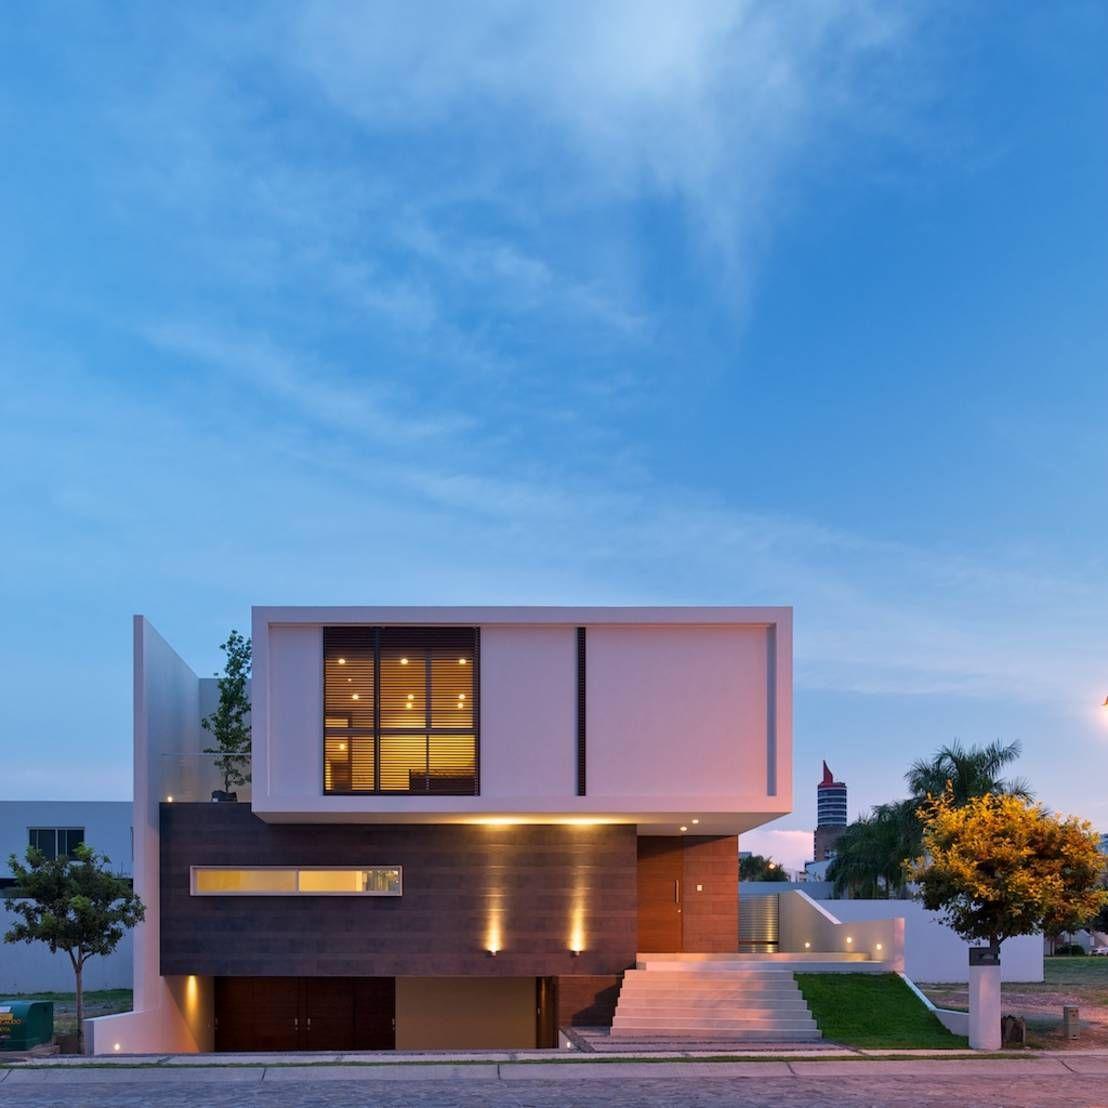 Ein erstaunlich modernes Haus | Funktional, Prägen und Ziel